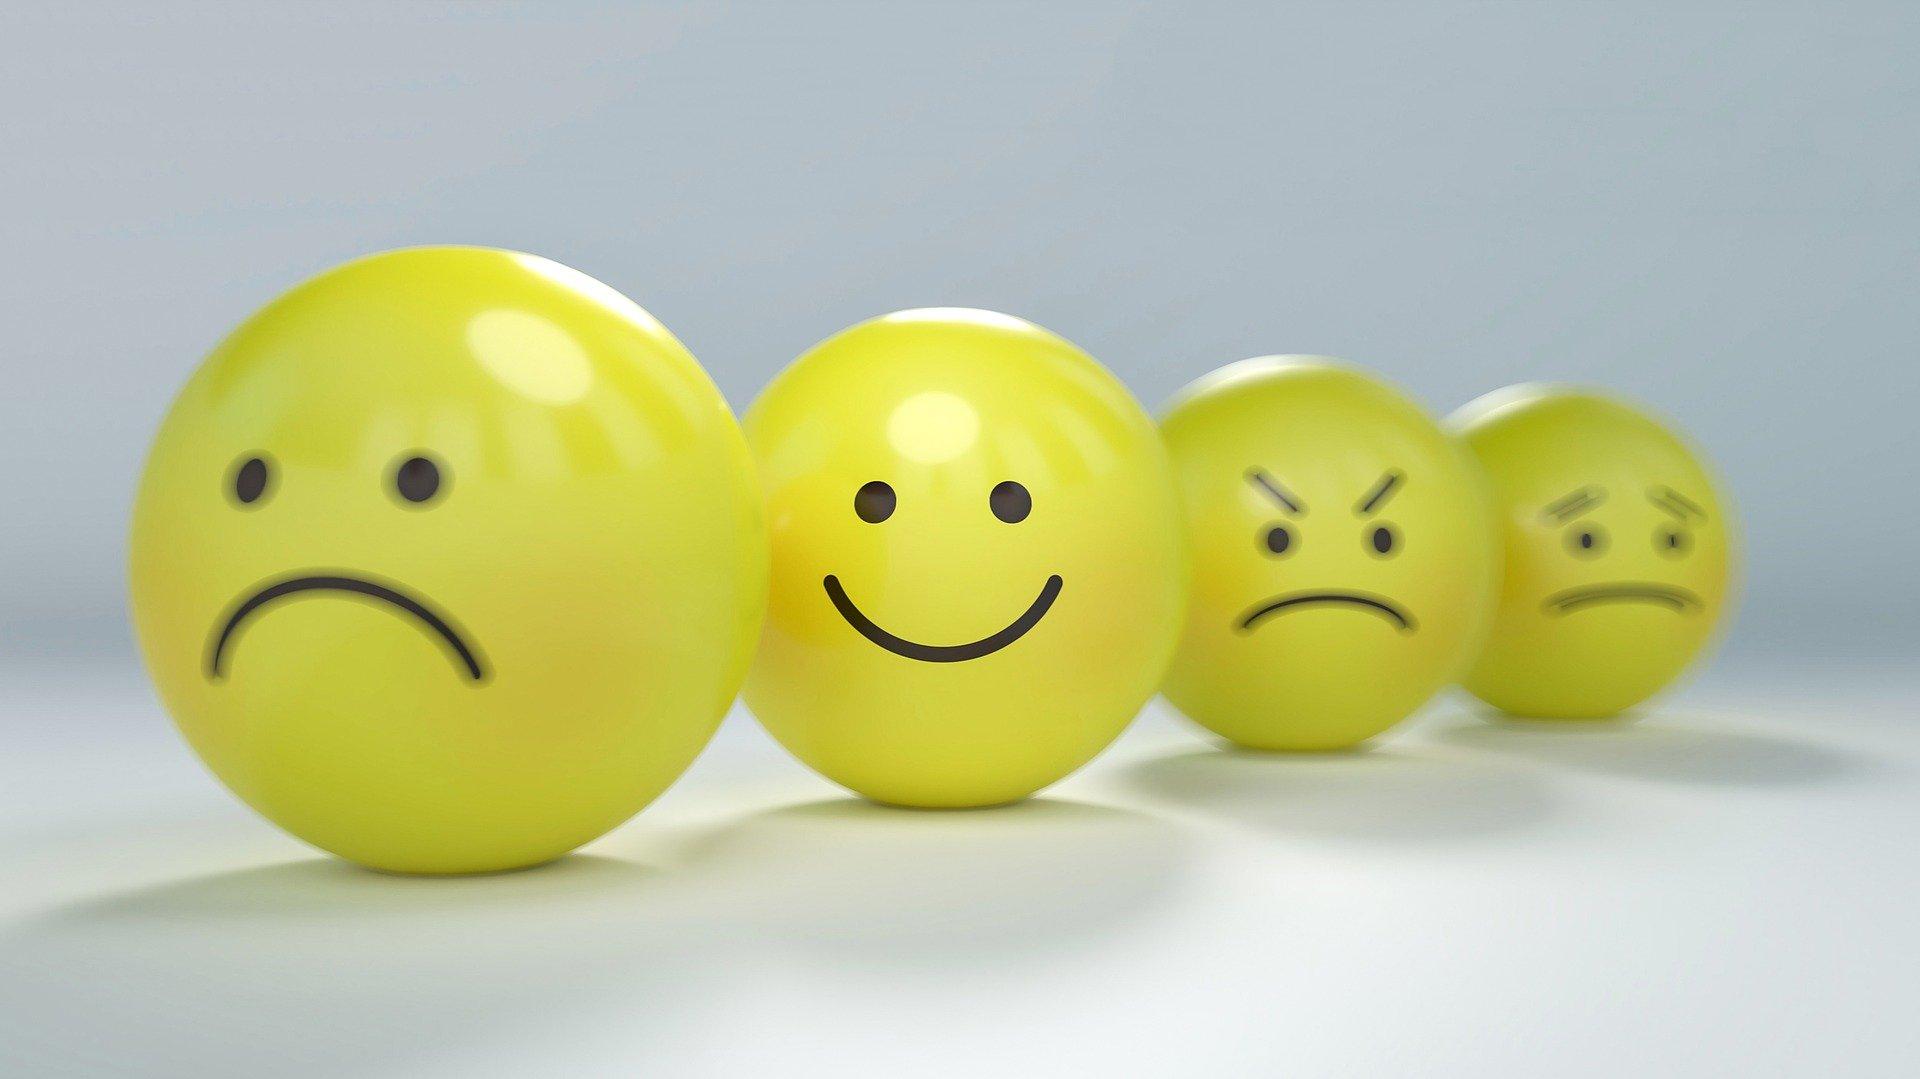 Claves para luchar contra la desmotivación laboral durante el teletrabajo